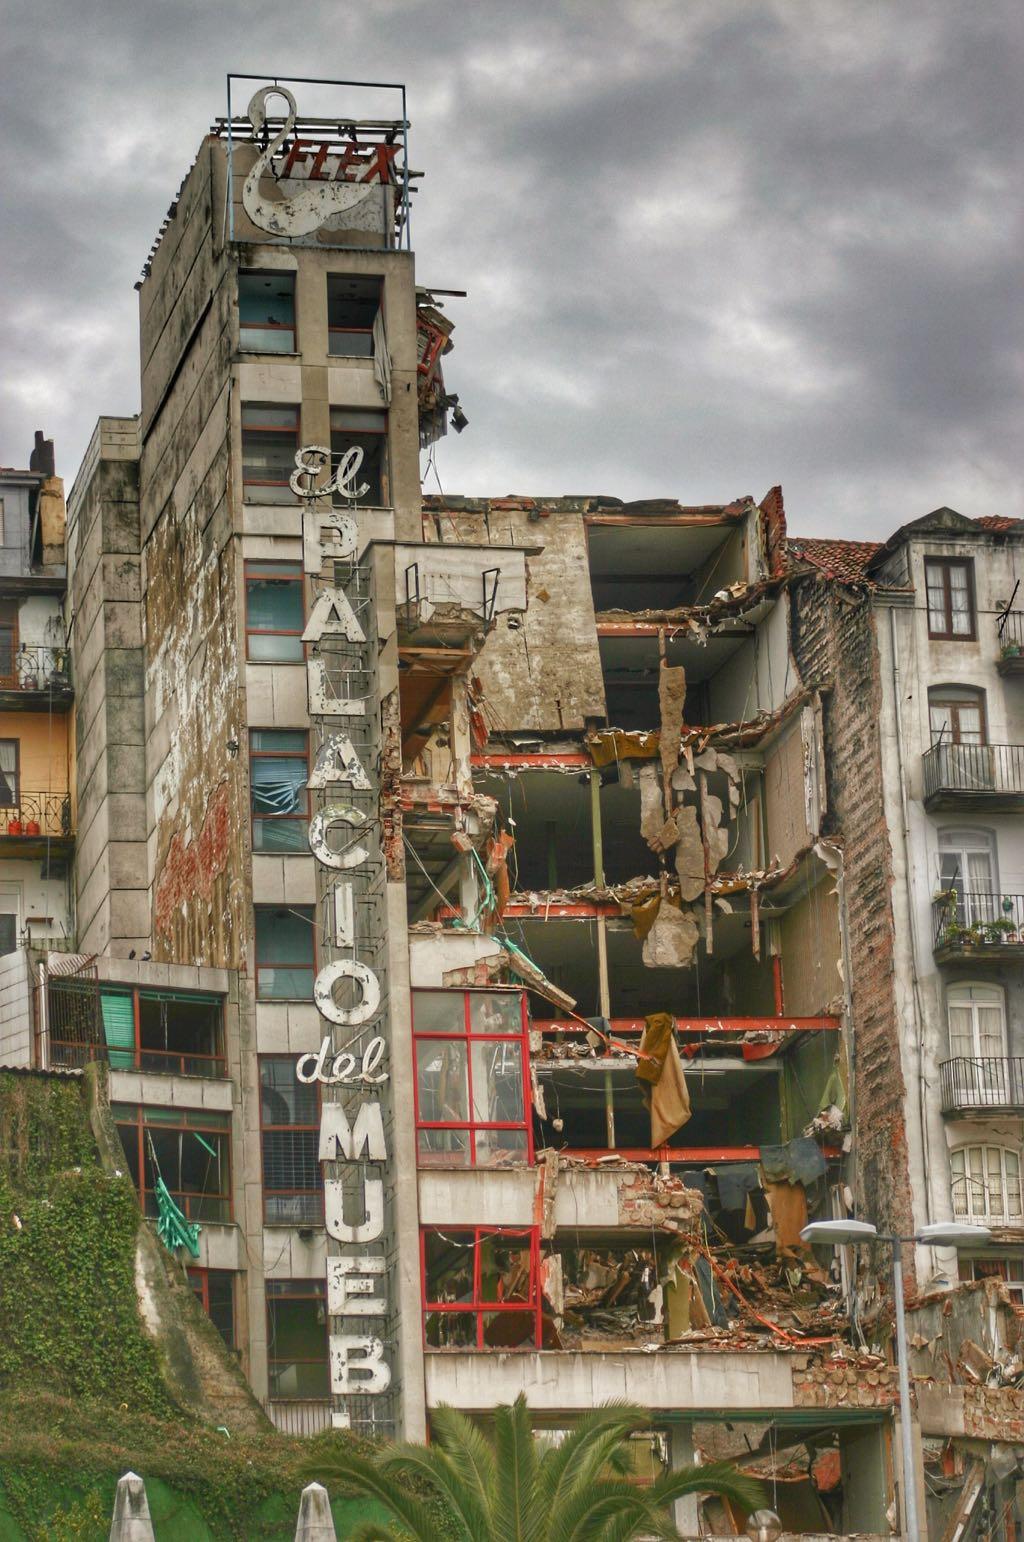 palacio-del-mueble-ruinas